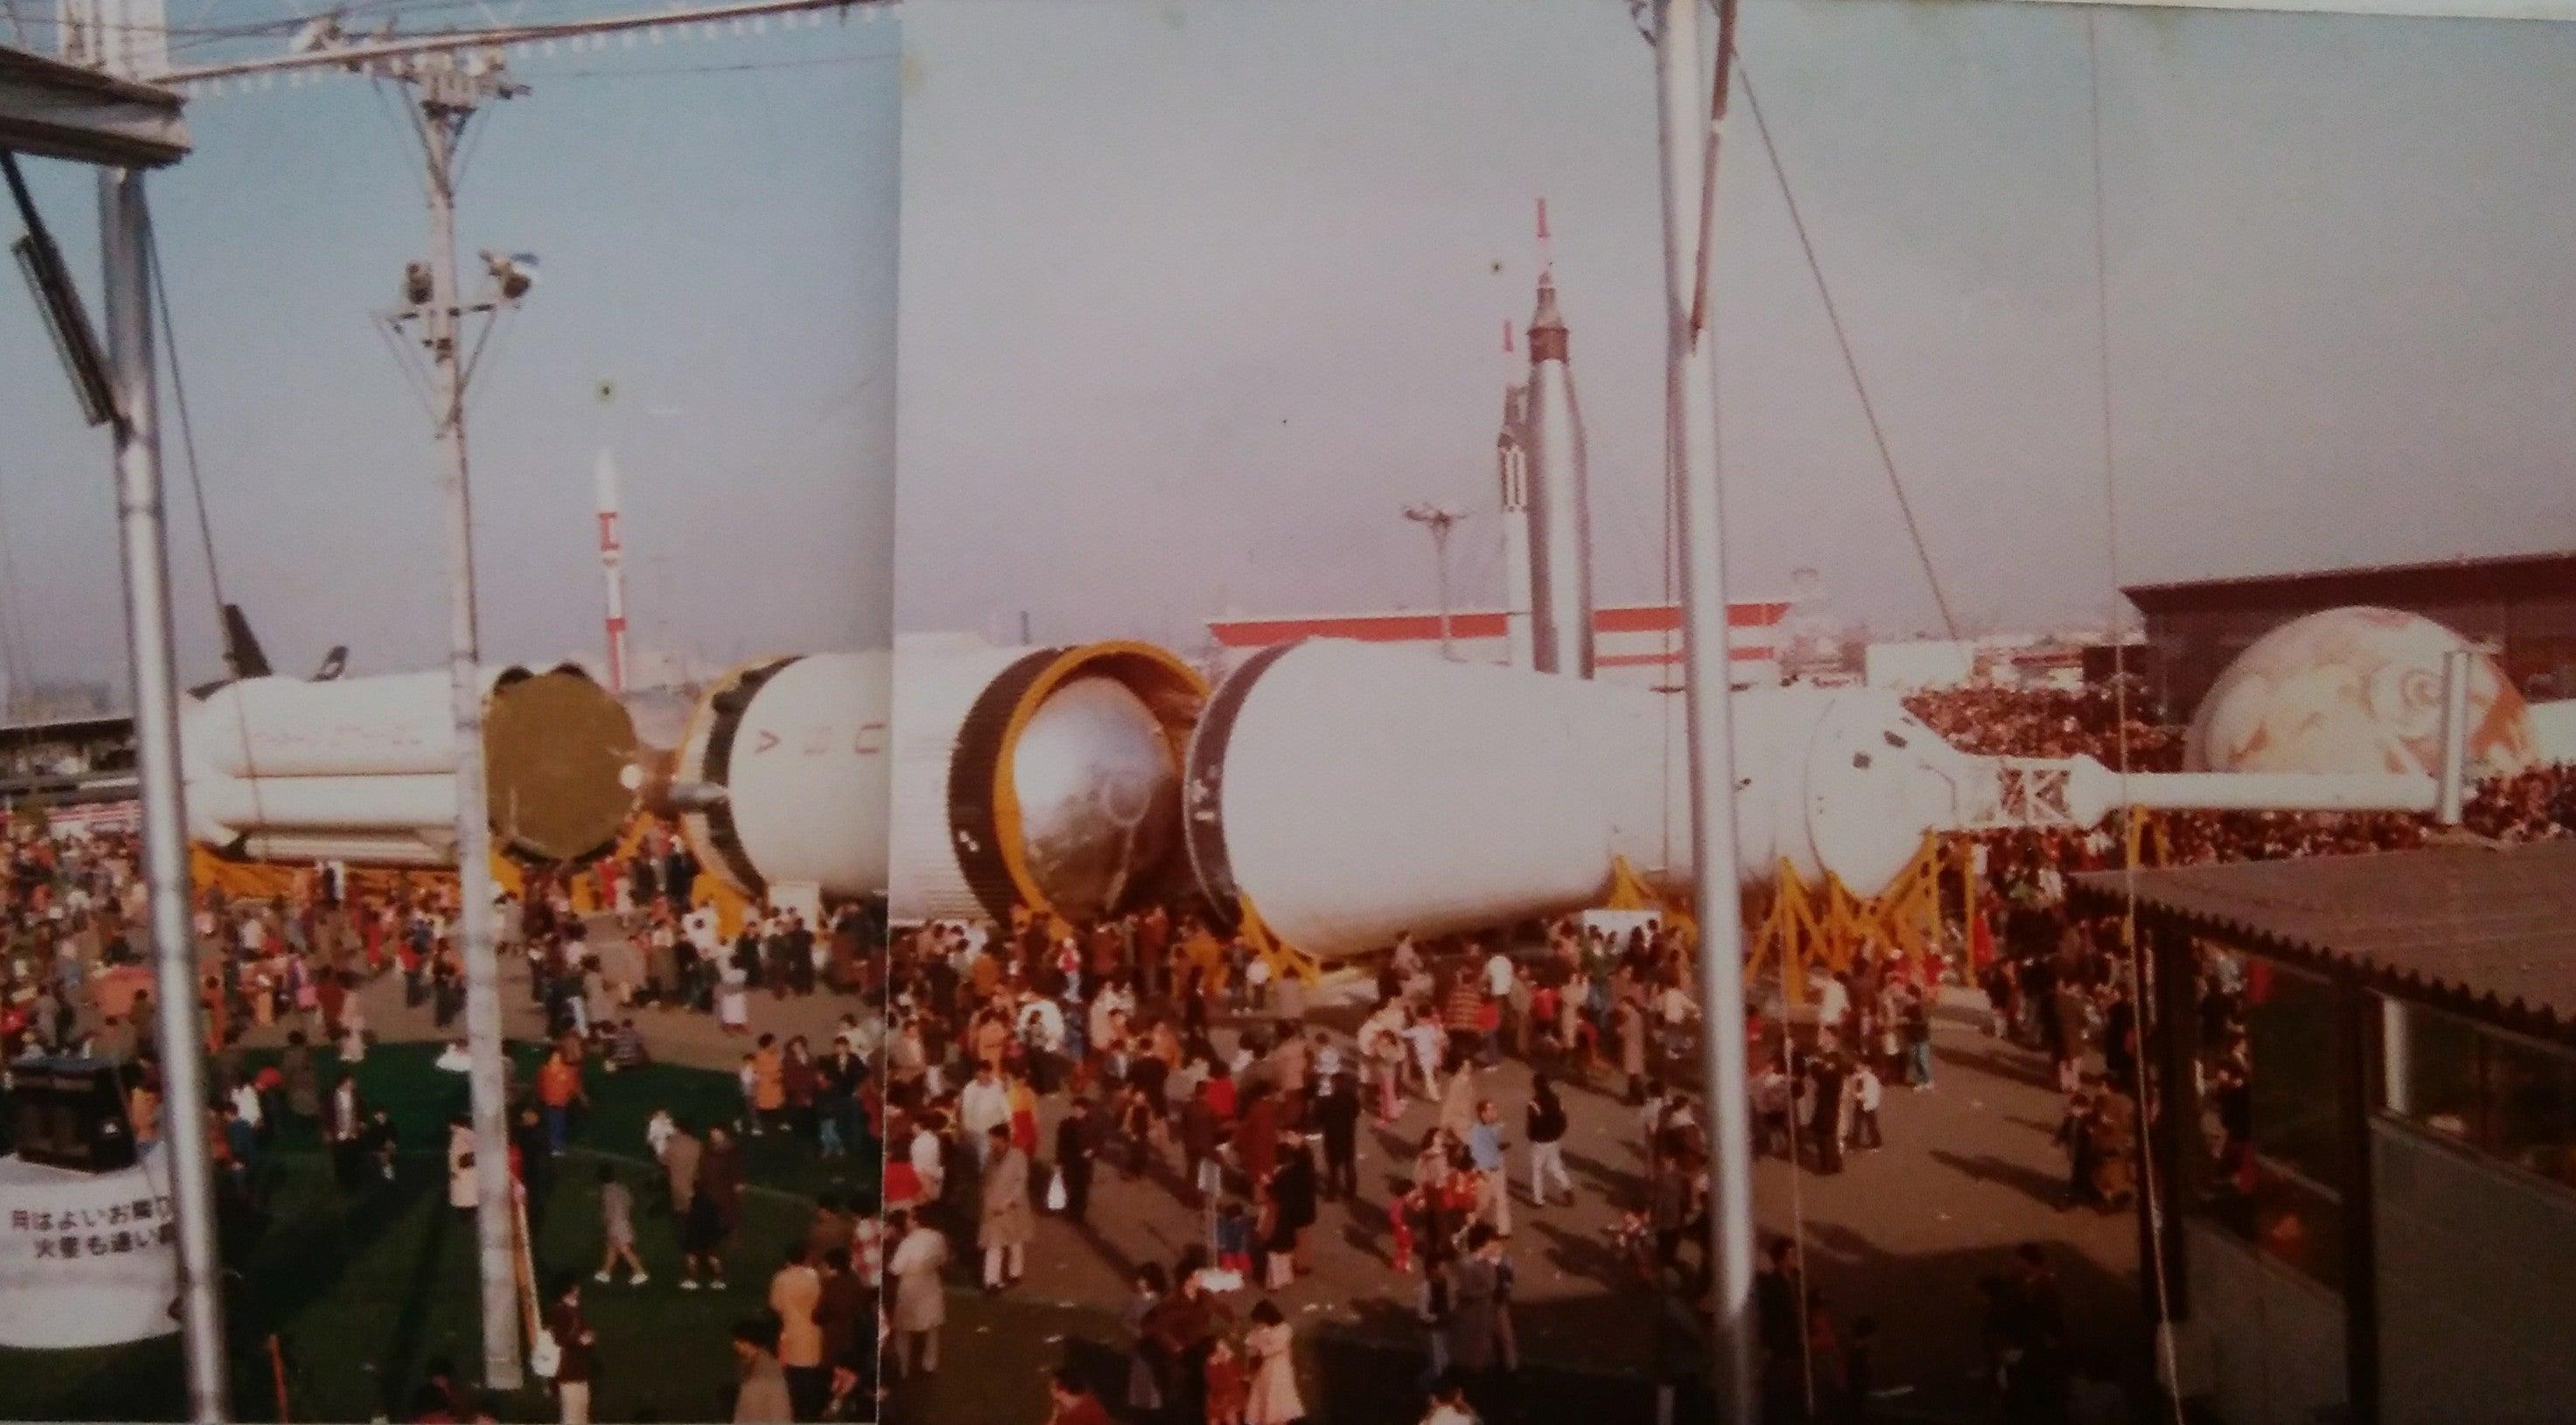 架空鉄道 もしも宇都宮石材軌道の歴史が変わっていたら・・のブログ宇宙博 昭和53年1978年 見学した頃 特急ひばり号 撮影